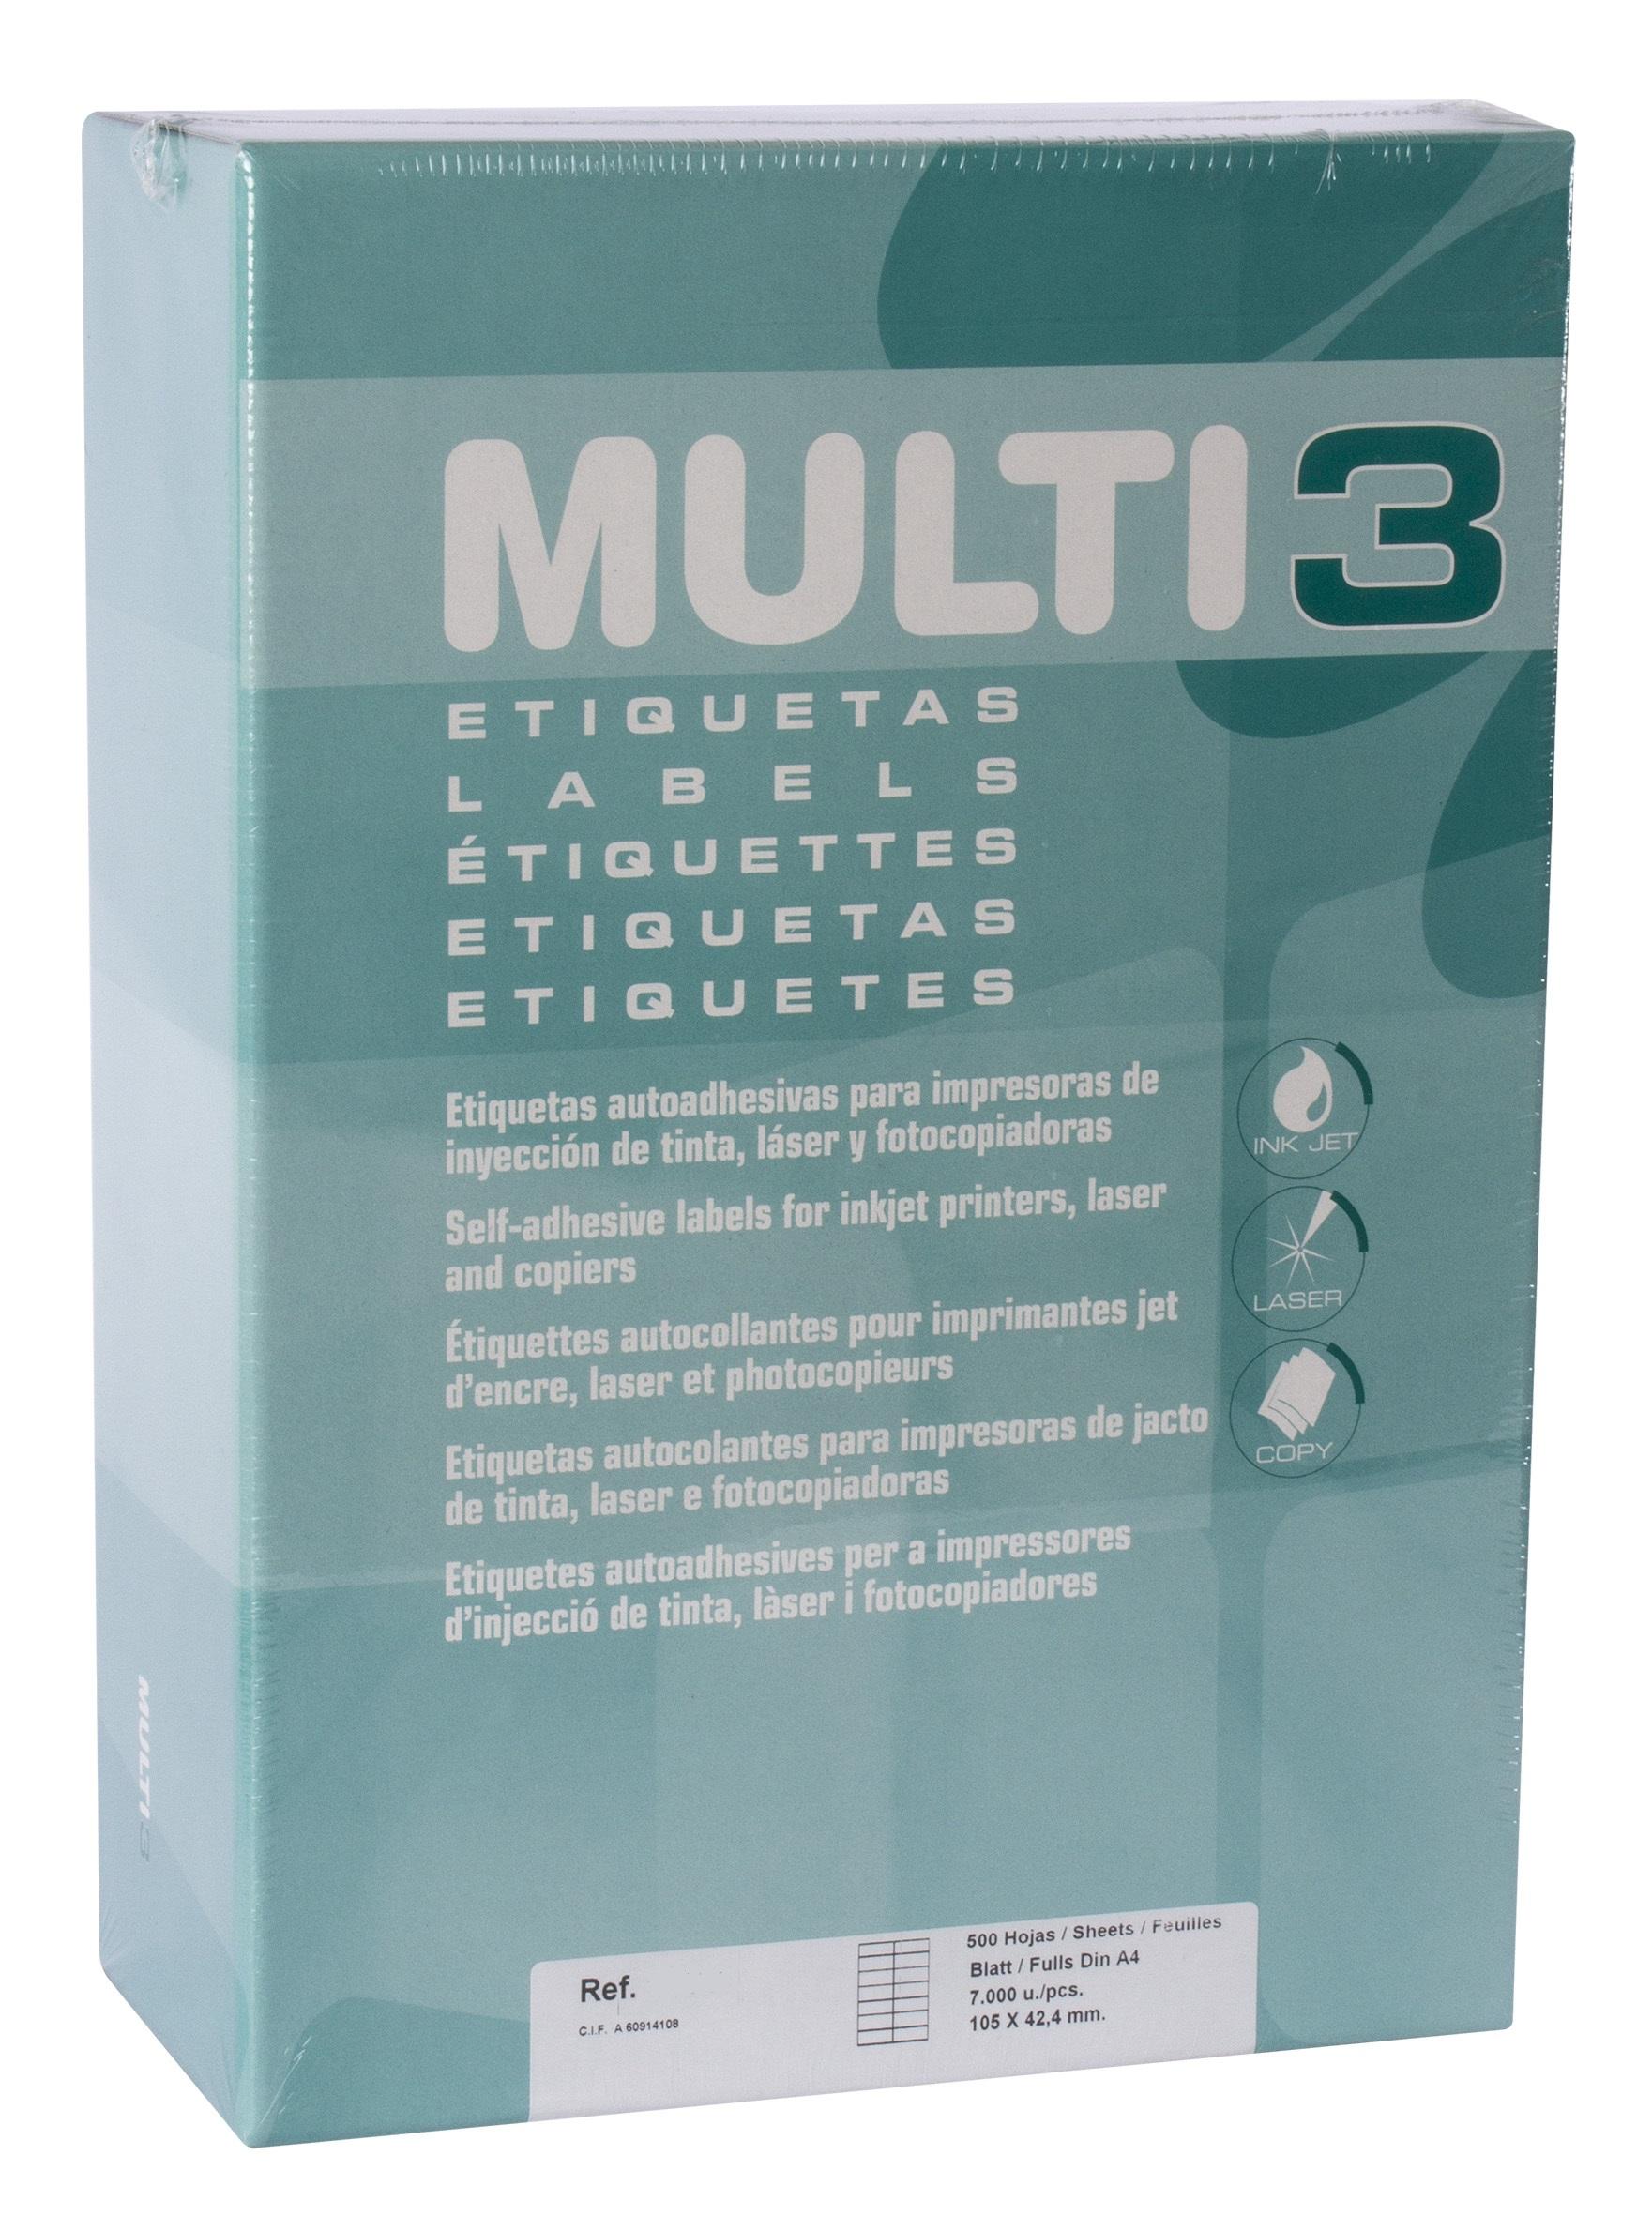 Caja etiquetas Multi3 500h 105x74